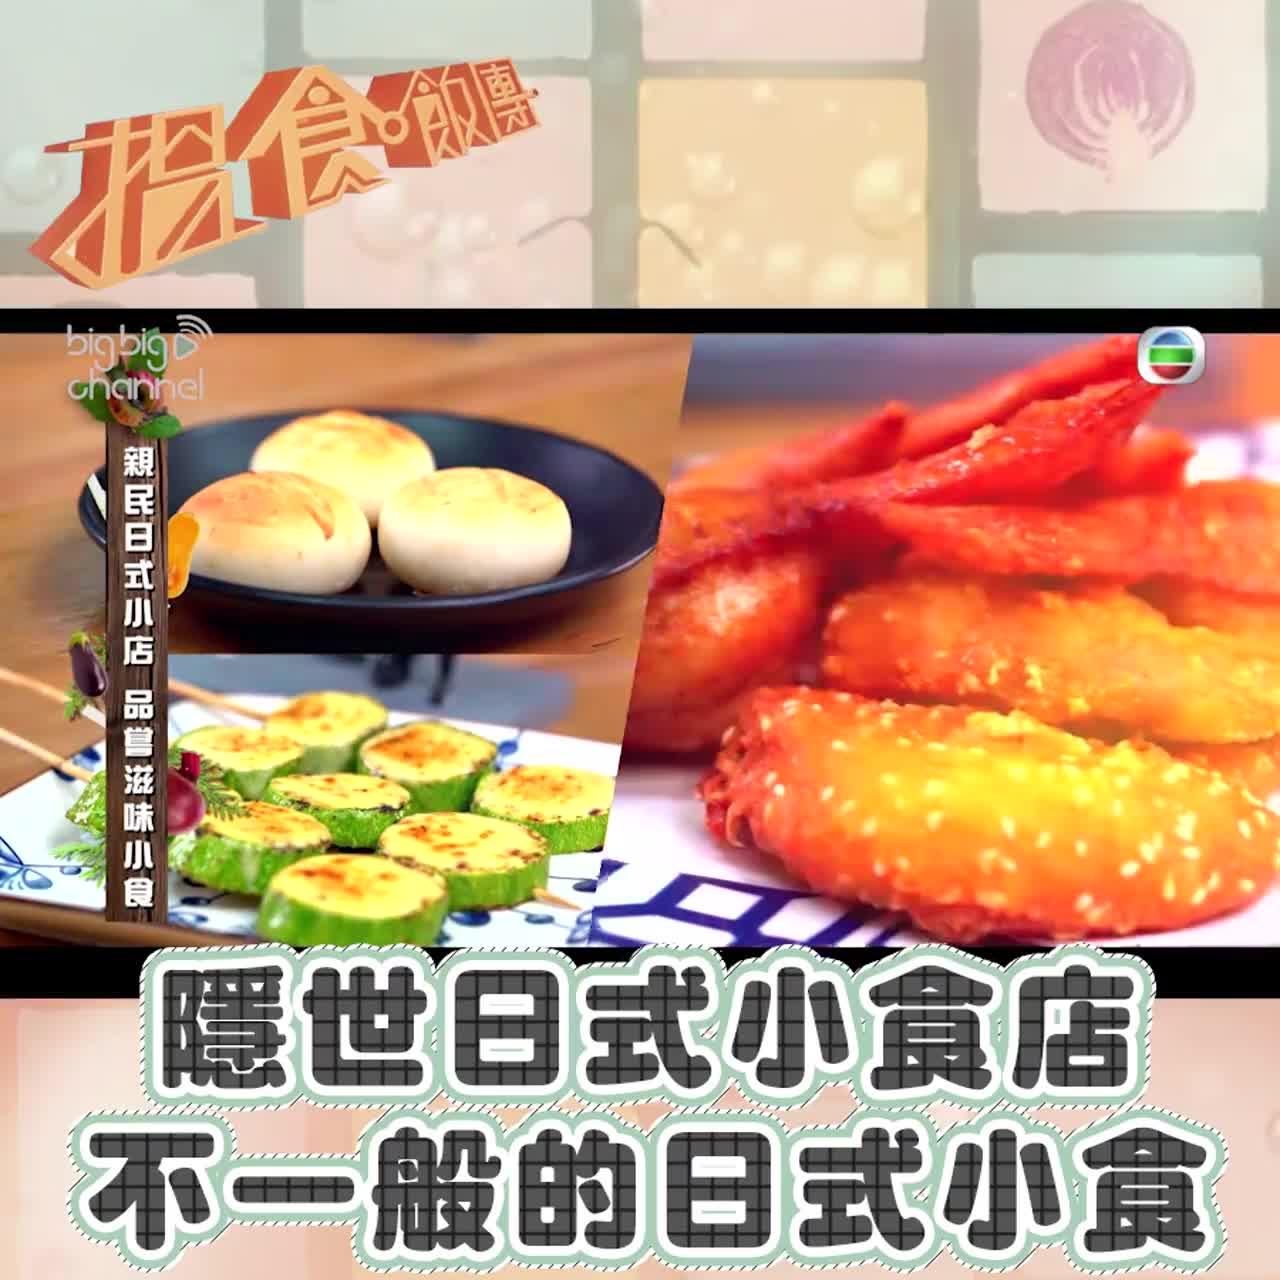 隱世日式小食店  不一般的日式小食